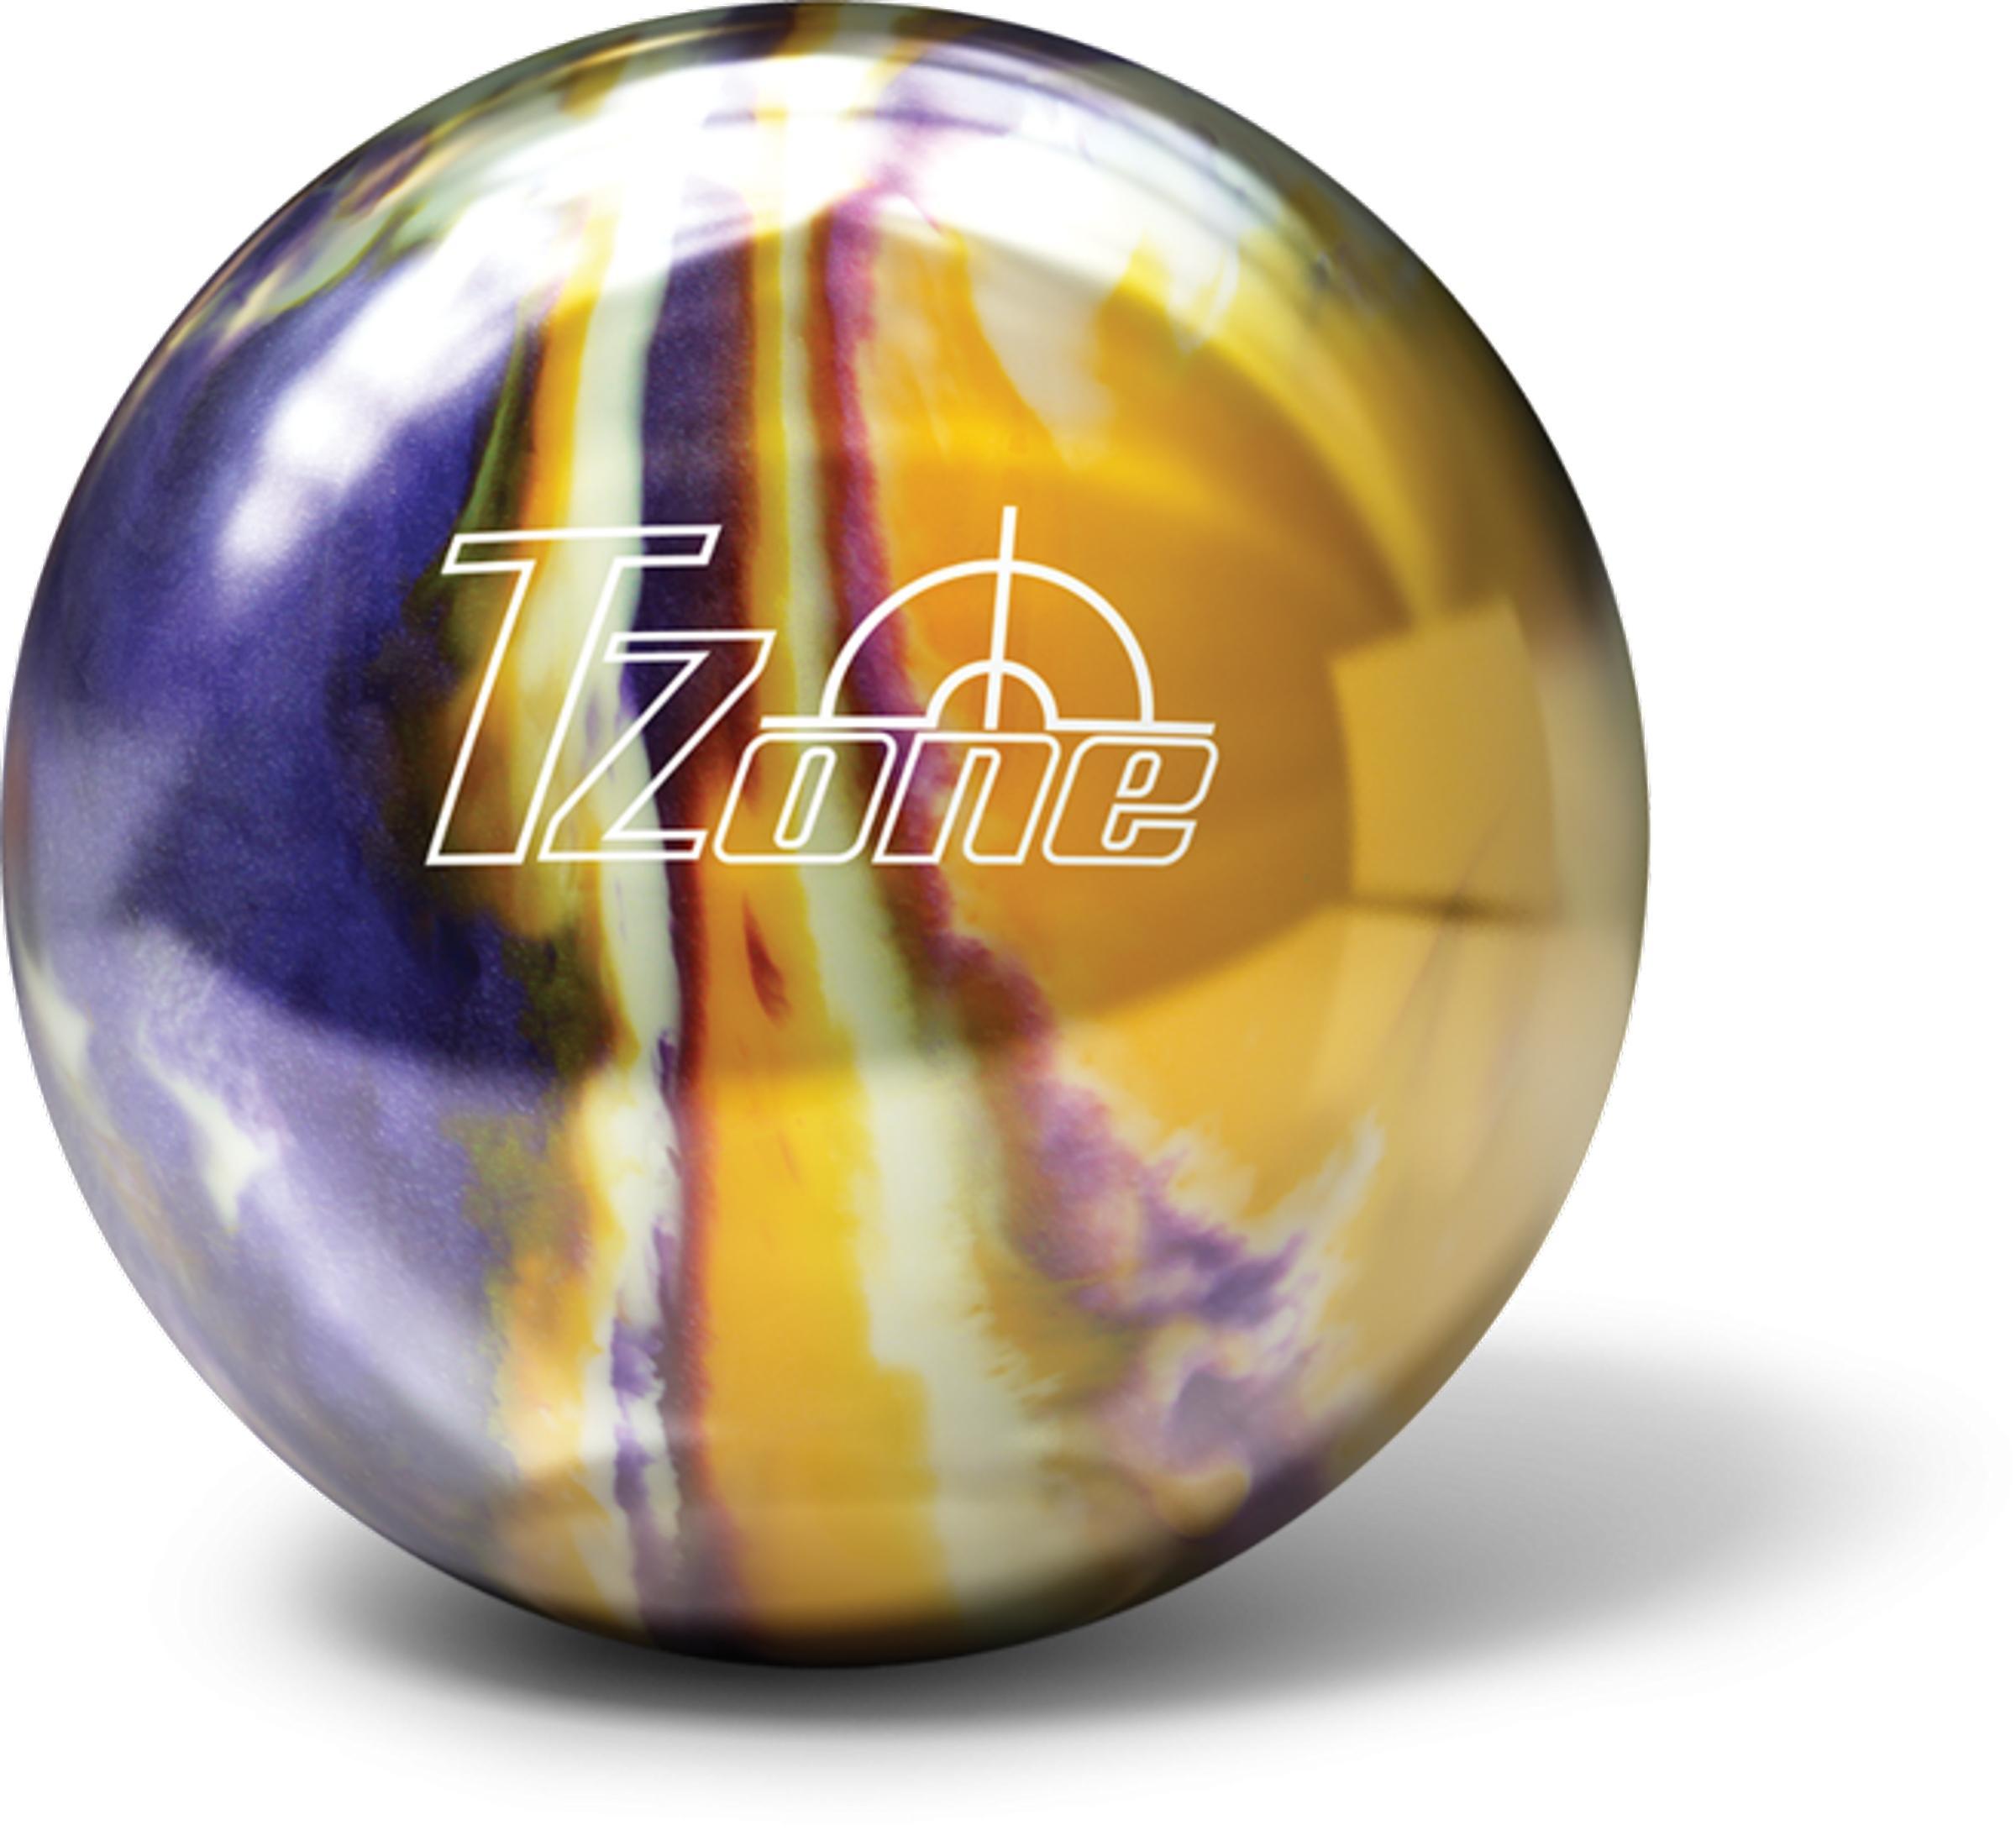 Bowling ball bowling ball Brunswick T-zone cosmic - Groovy grape